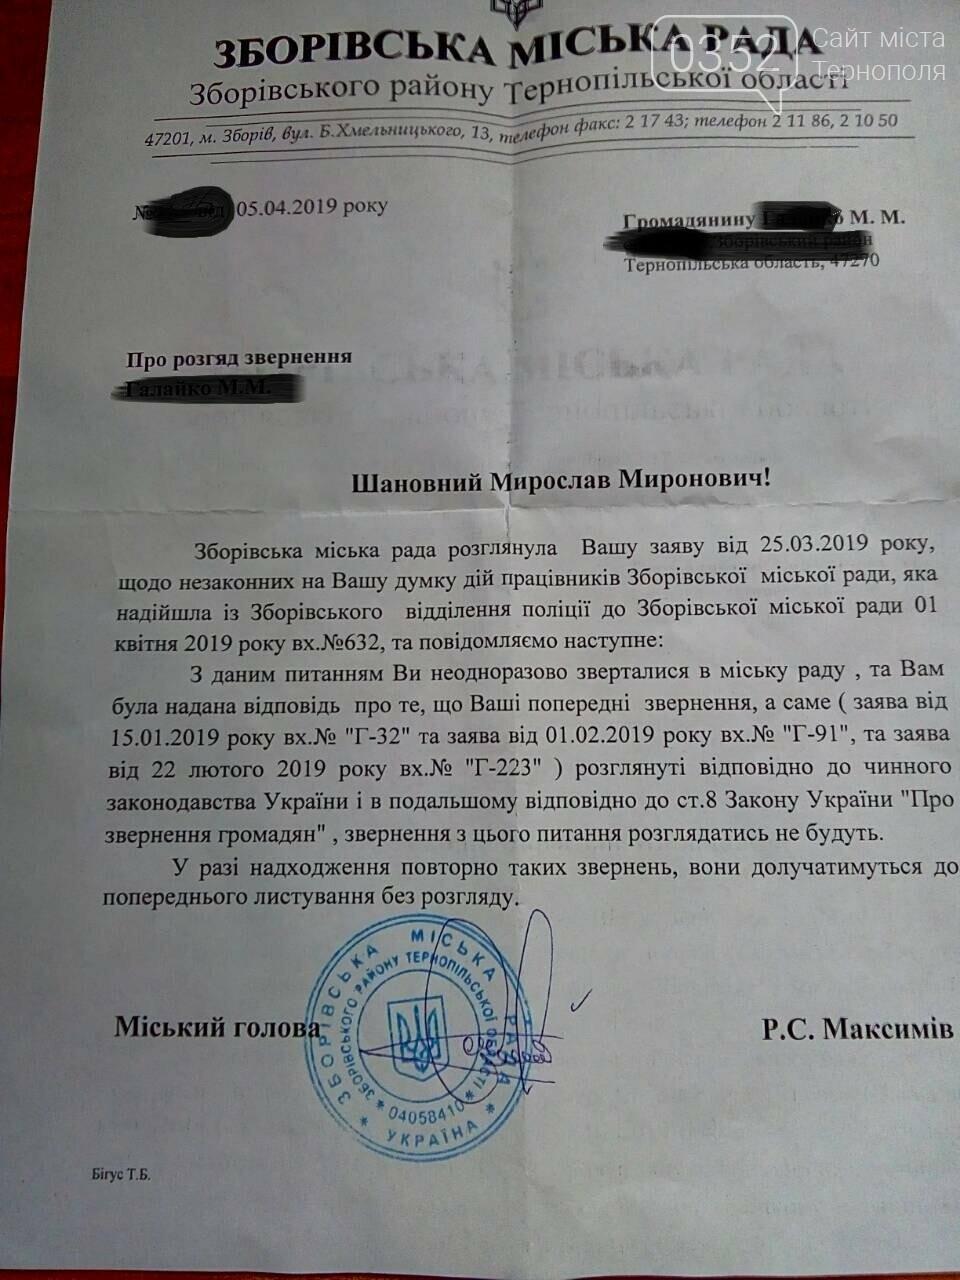 Чоловік з Тернопільщини підозрює двох працівників міськради у махінаціях із землею (ФОТО), фото-6